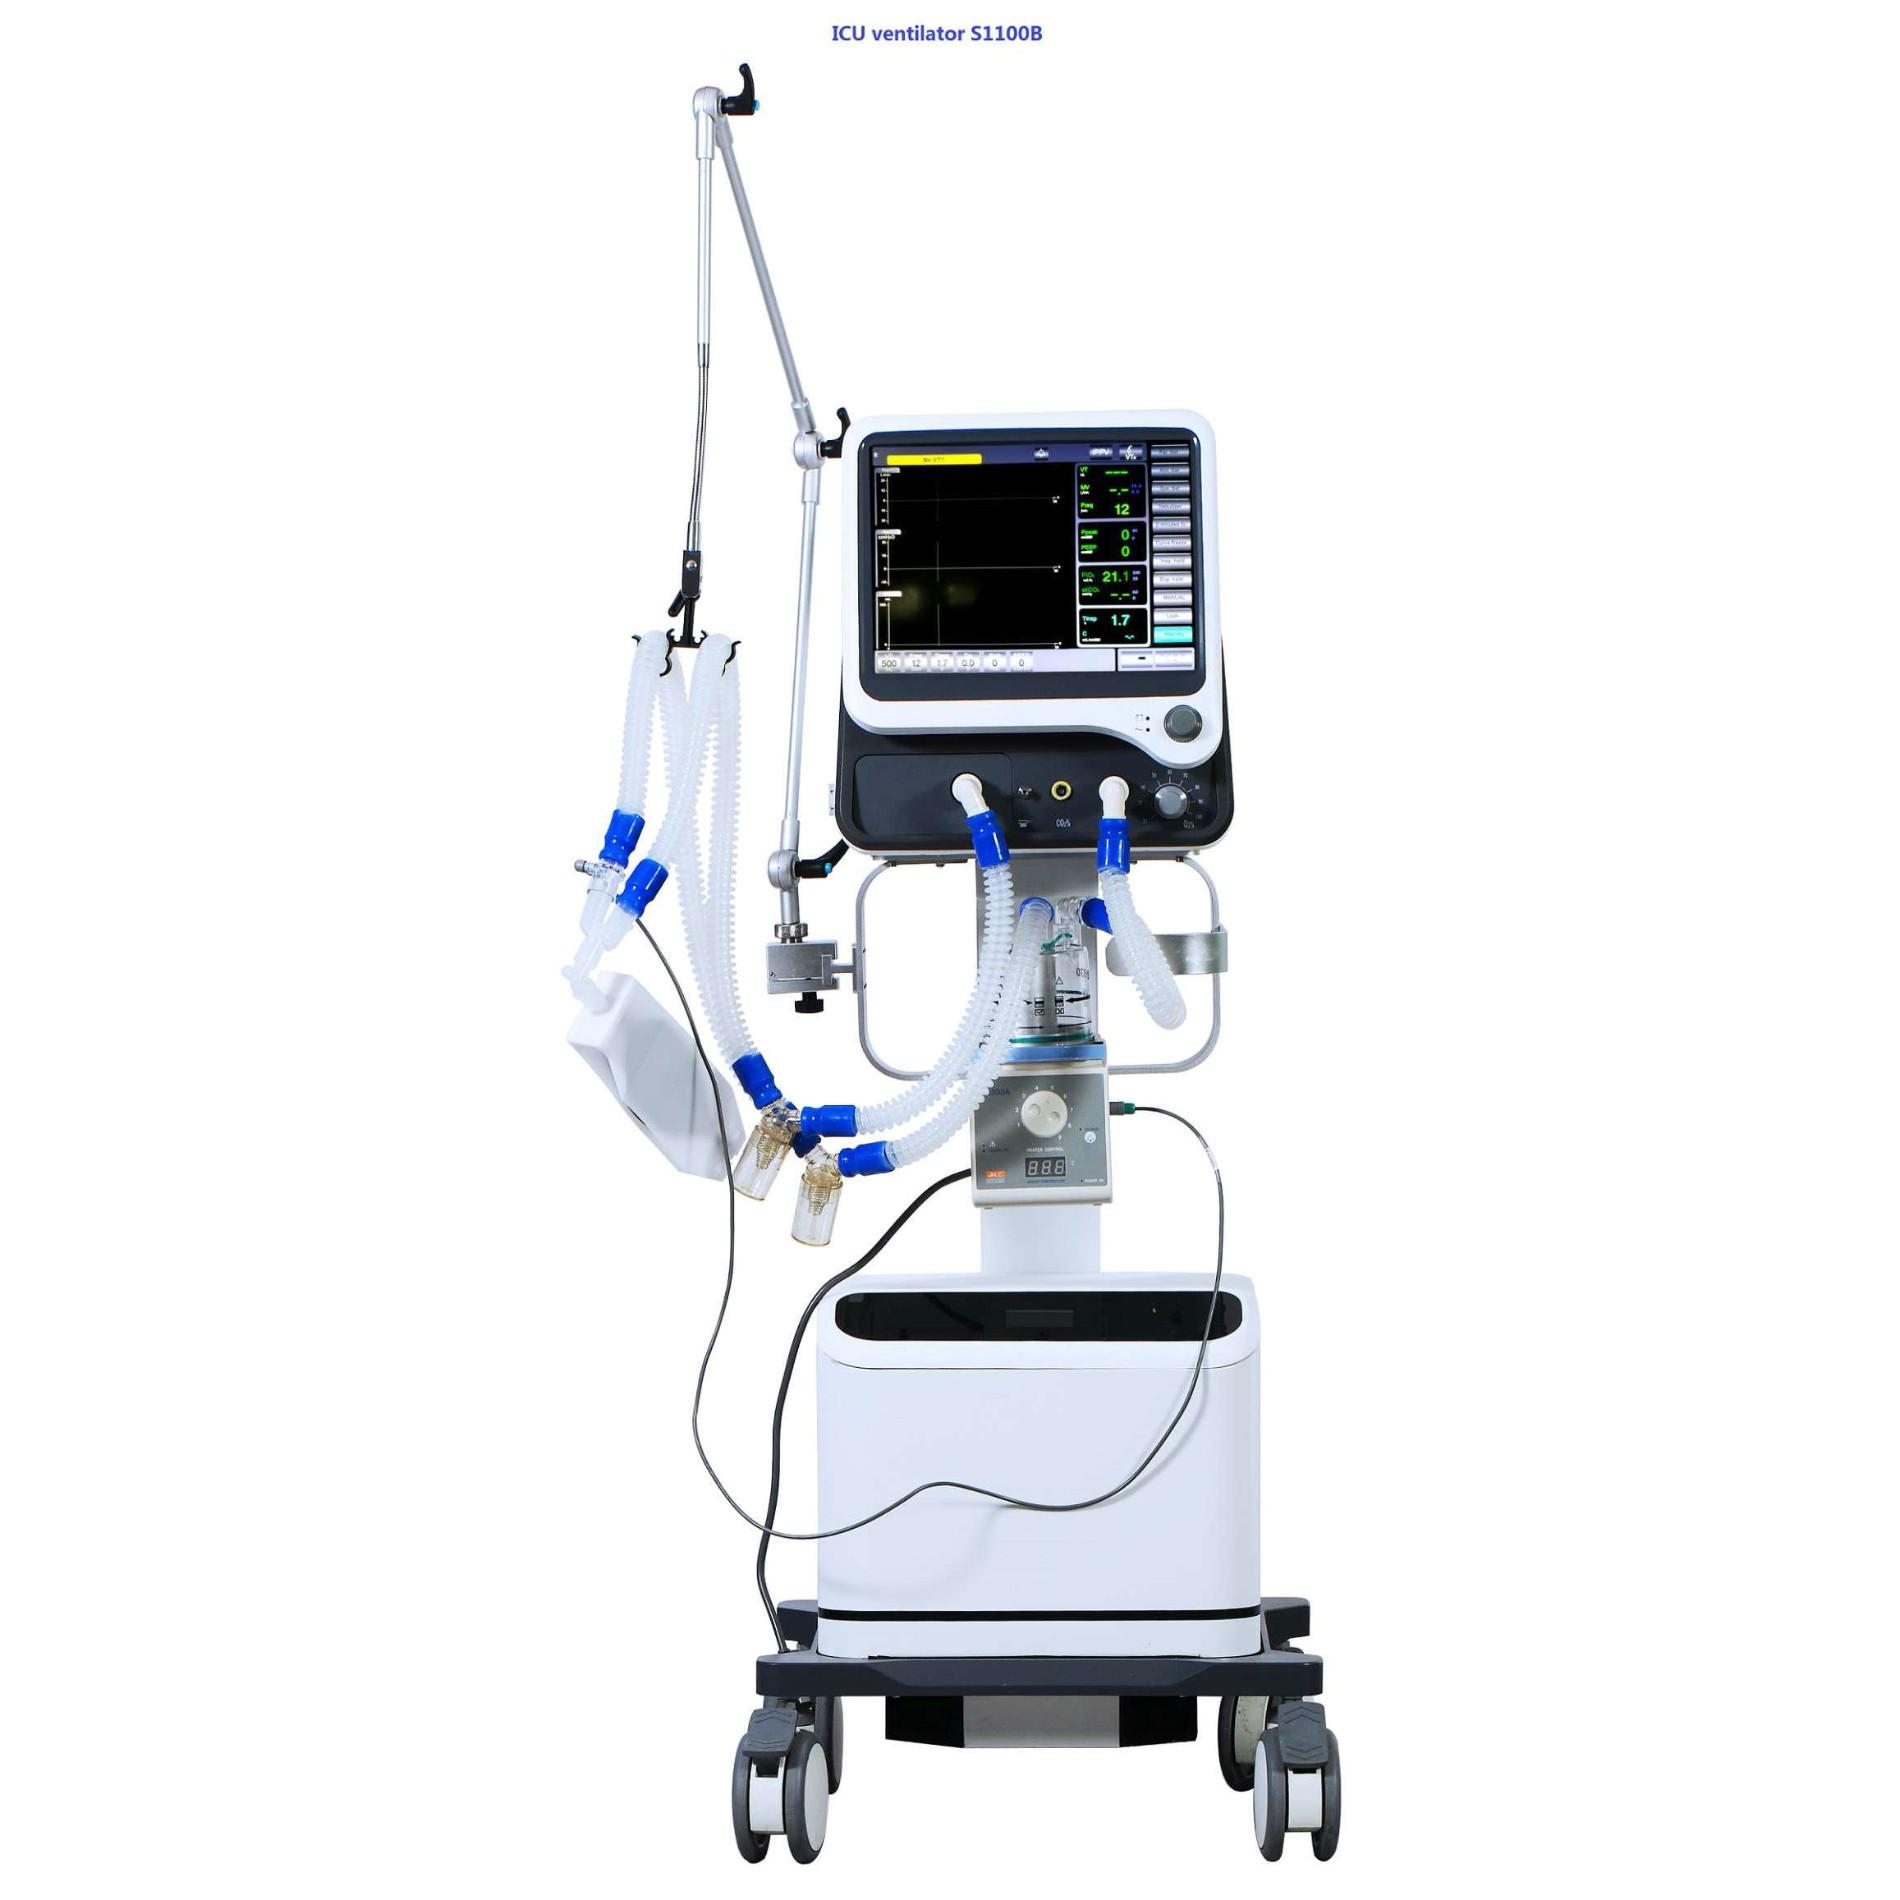 ICU Ventilators for Coronavirus